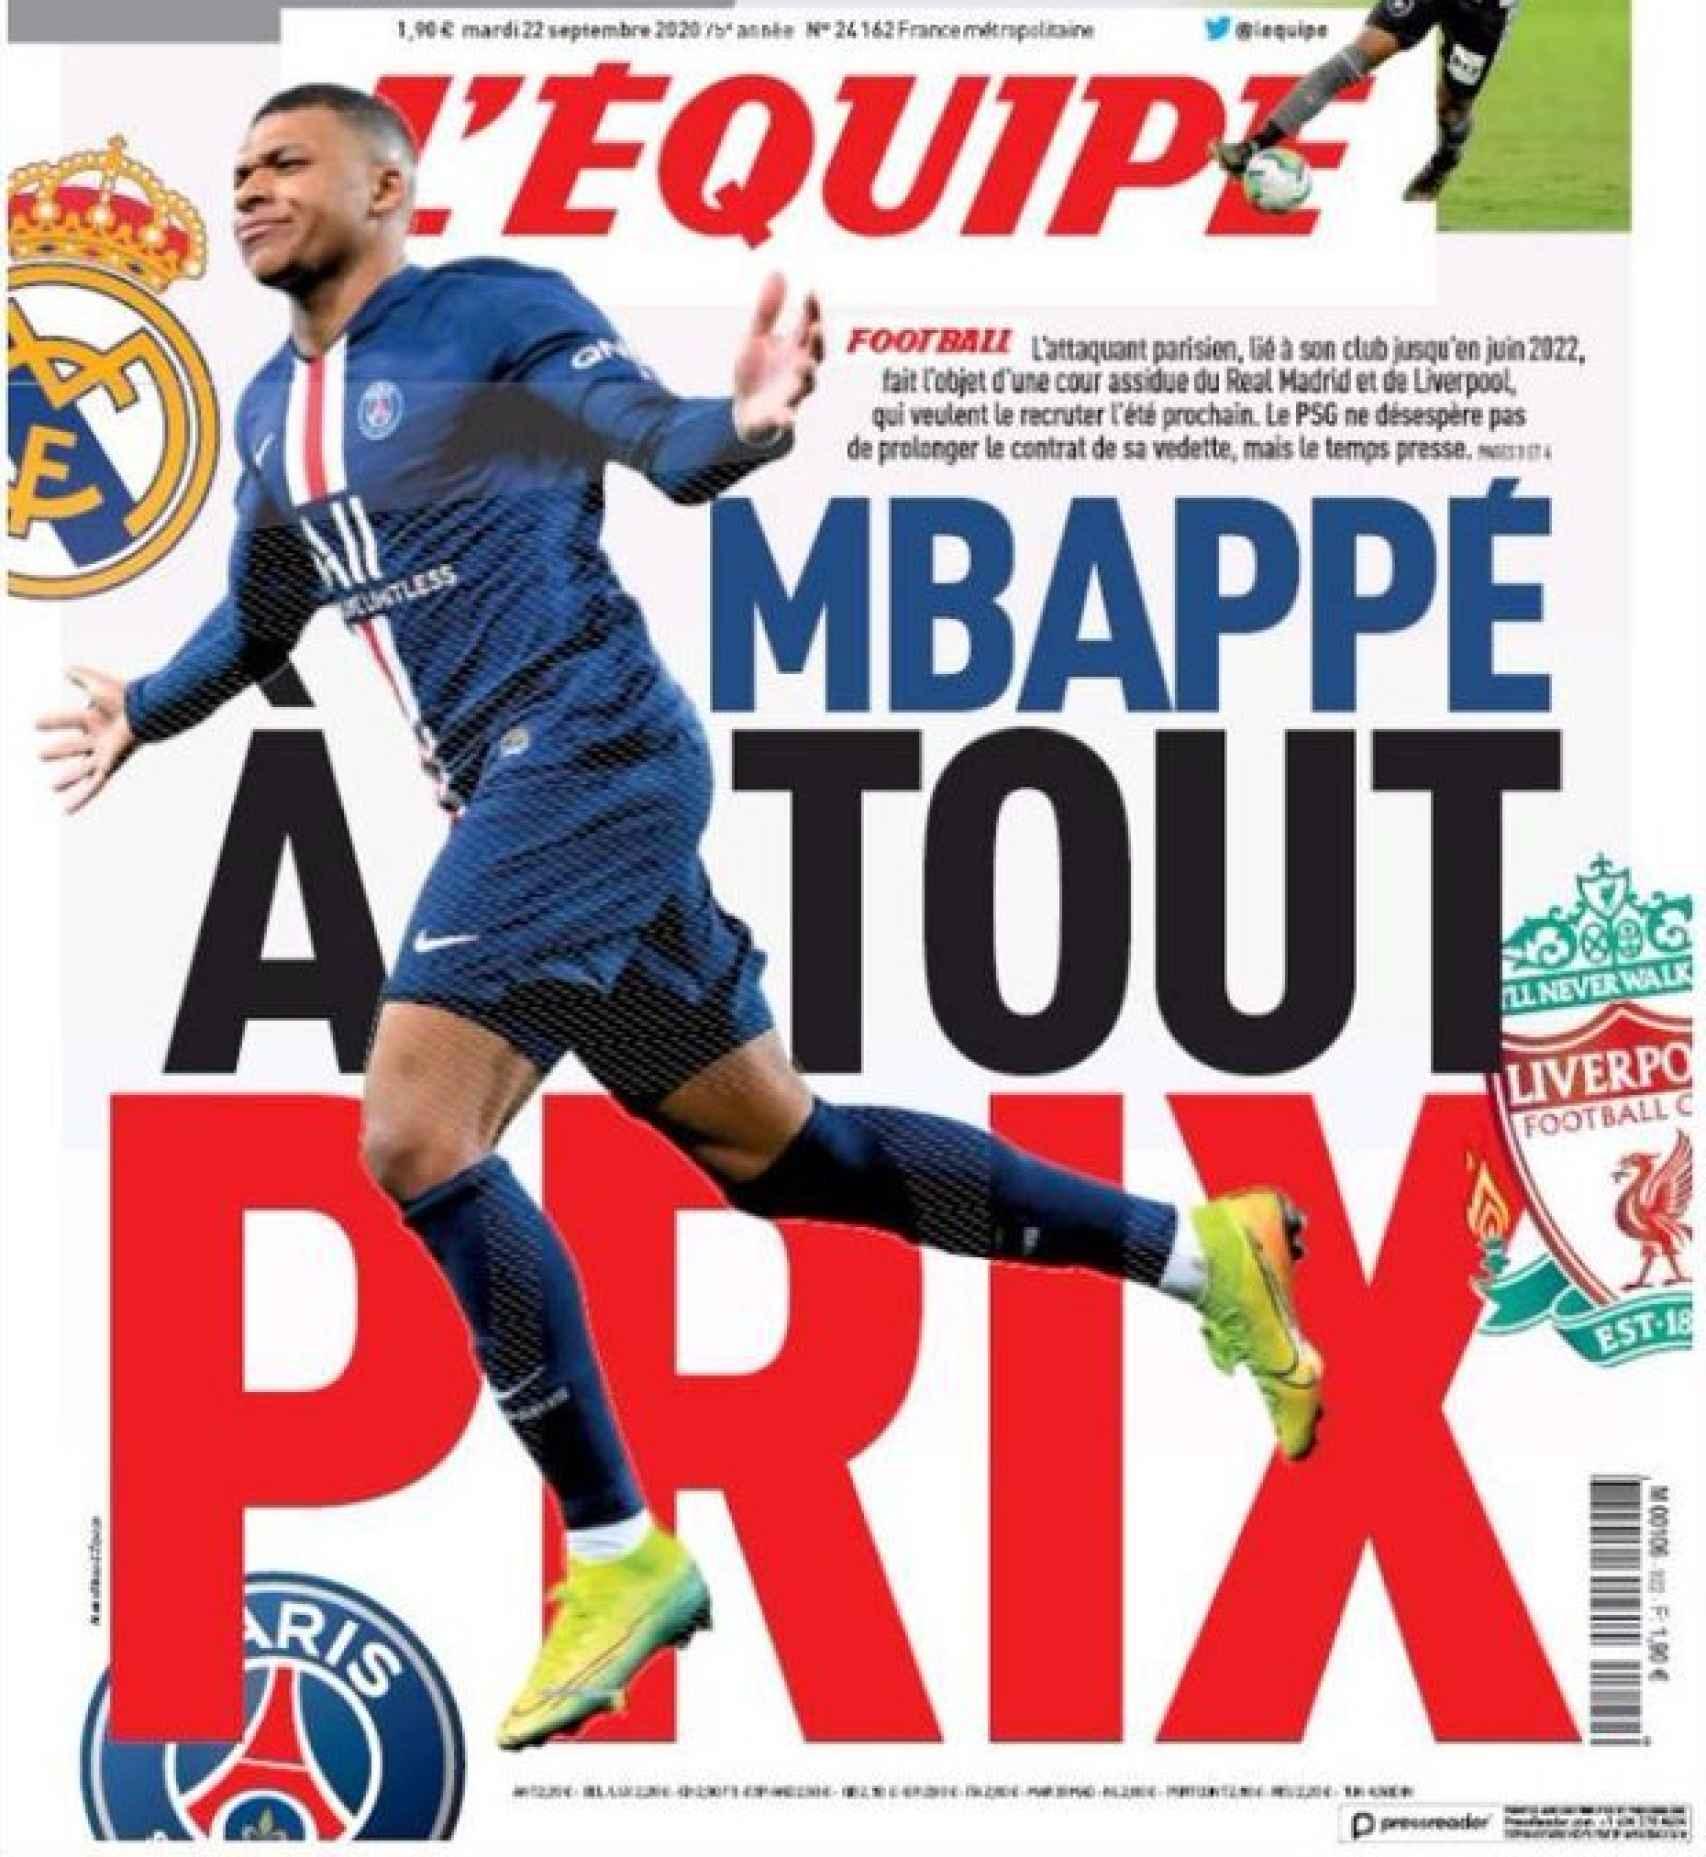 La portada del diario L'Équipe (22/09/2020)